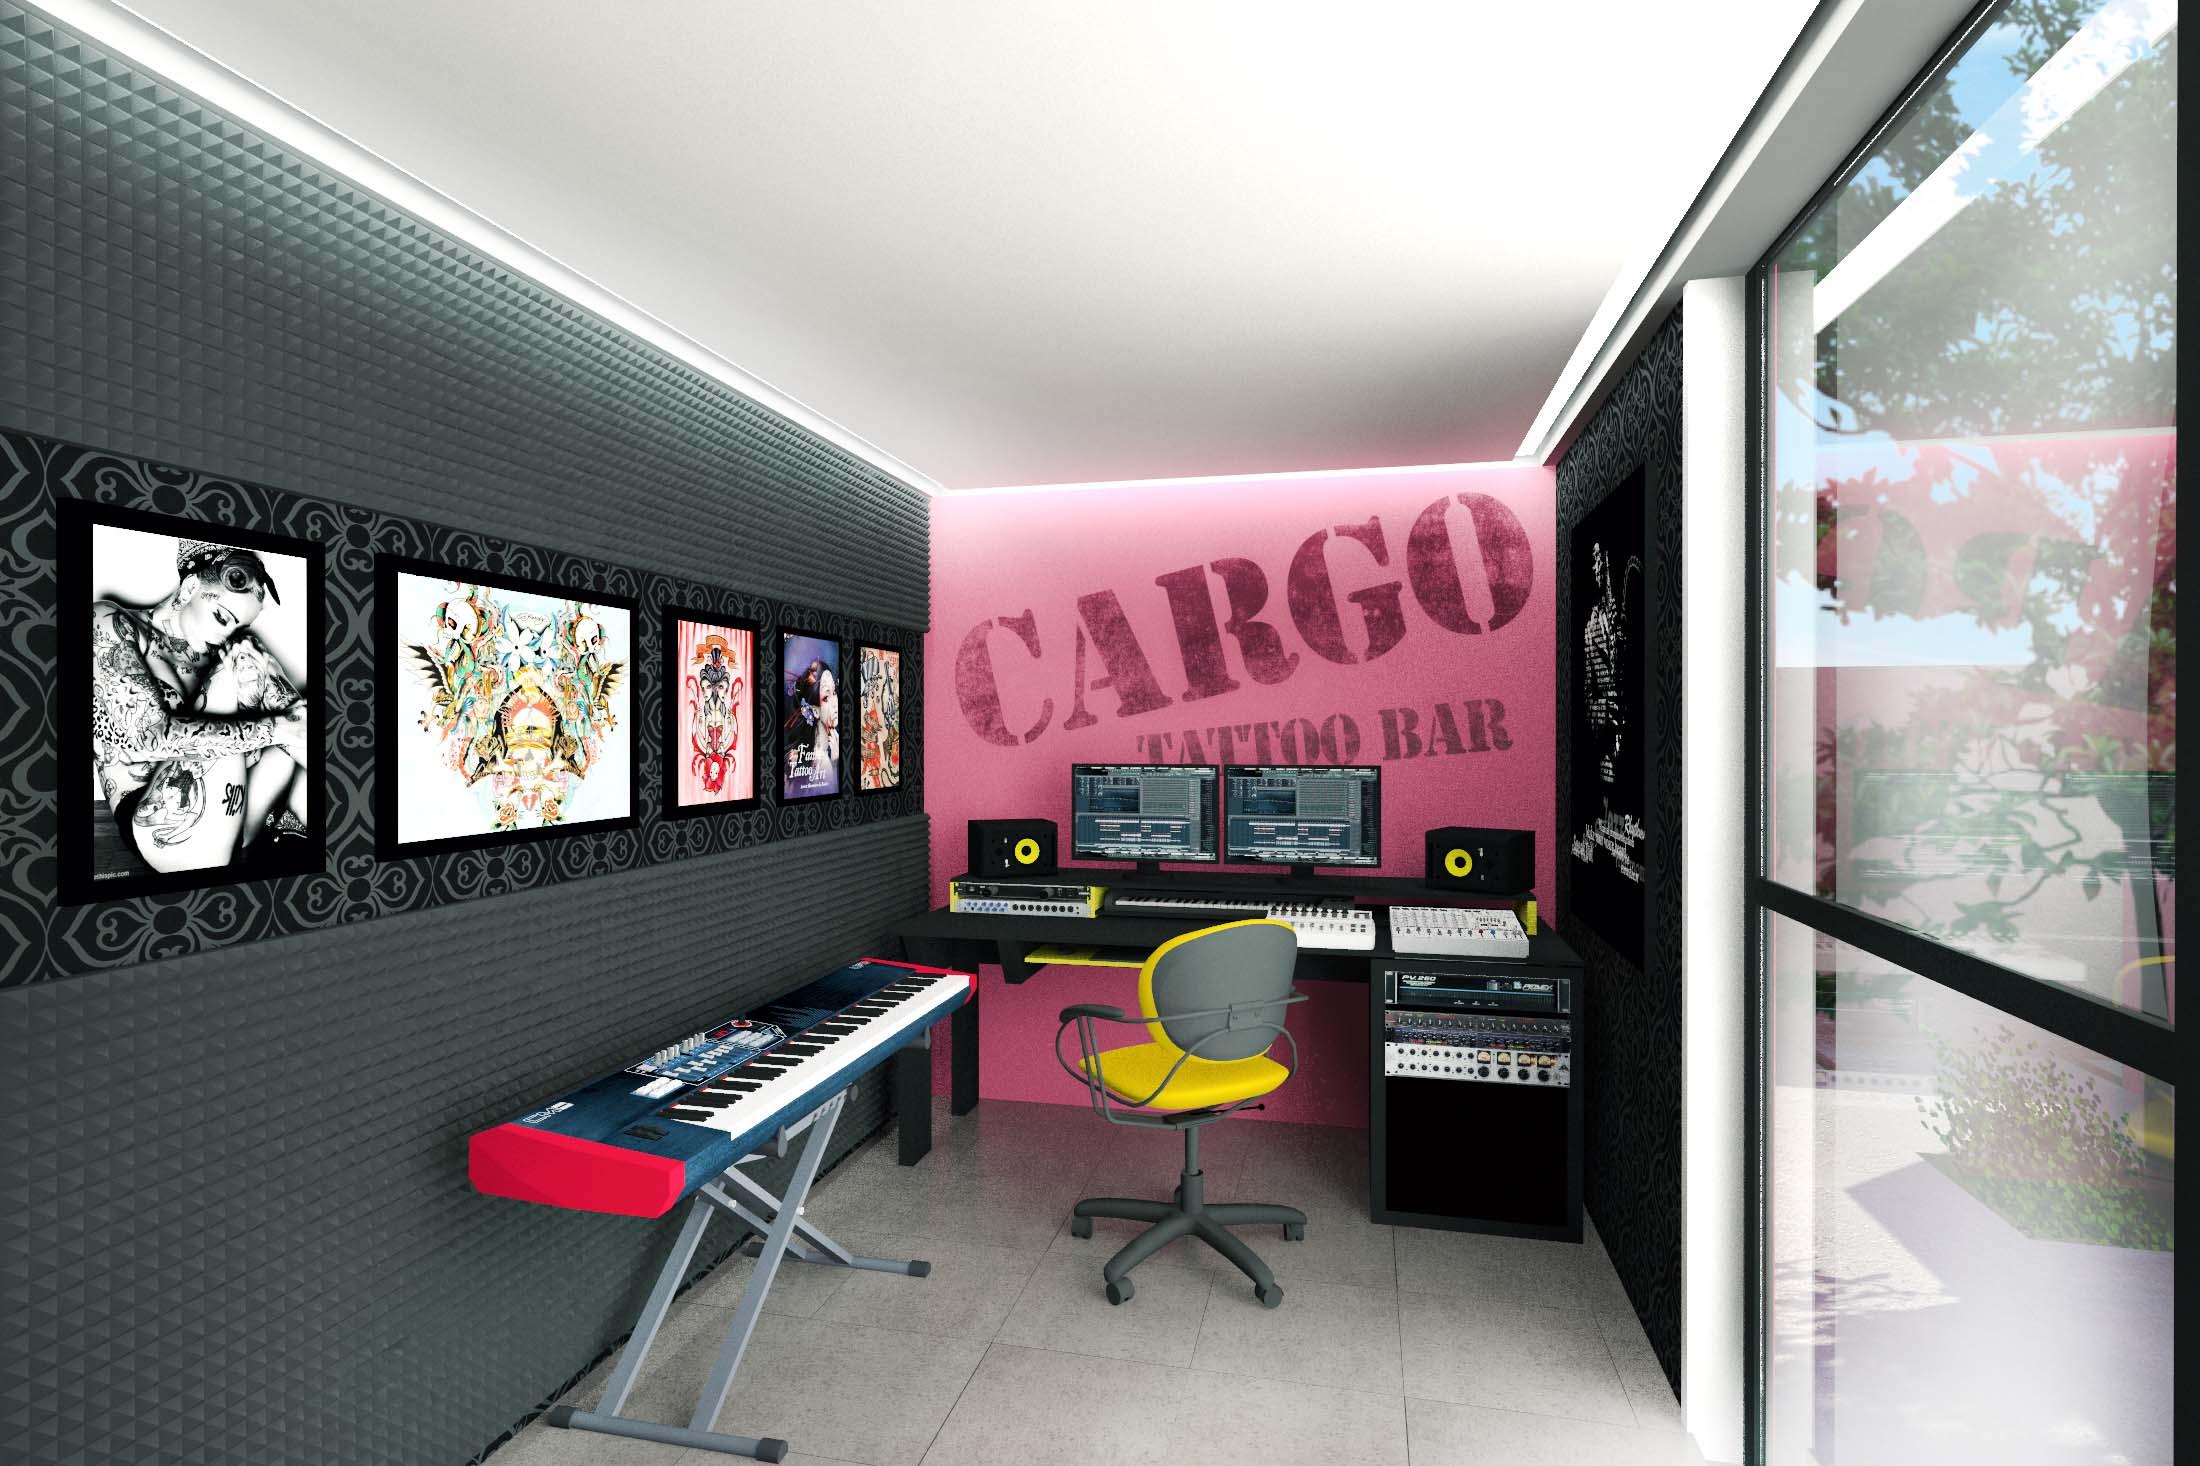 CARGO TATOO BAR03